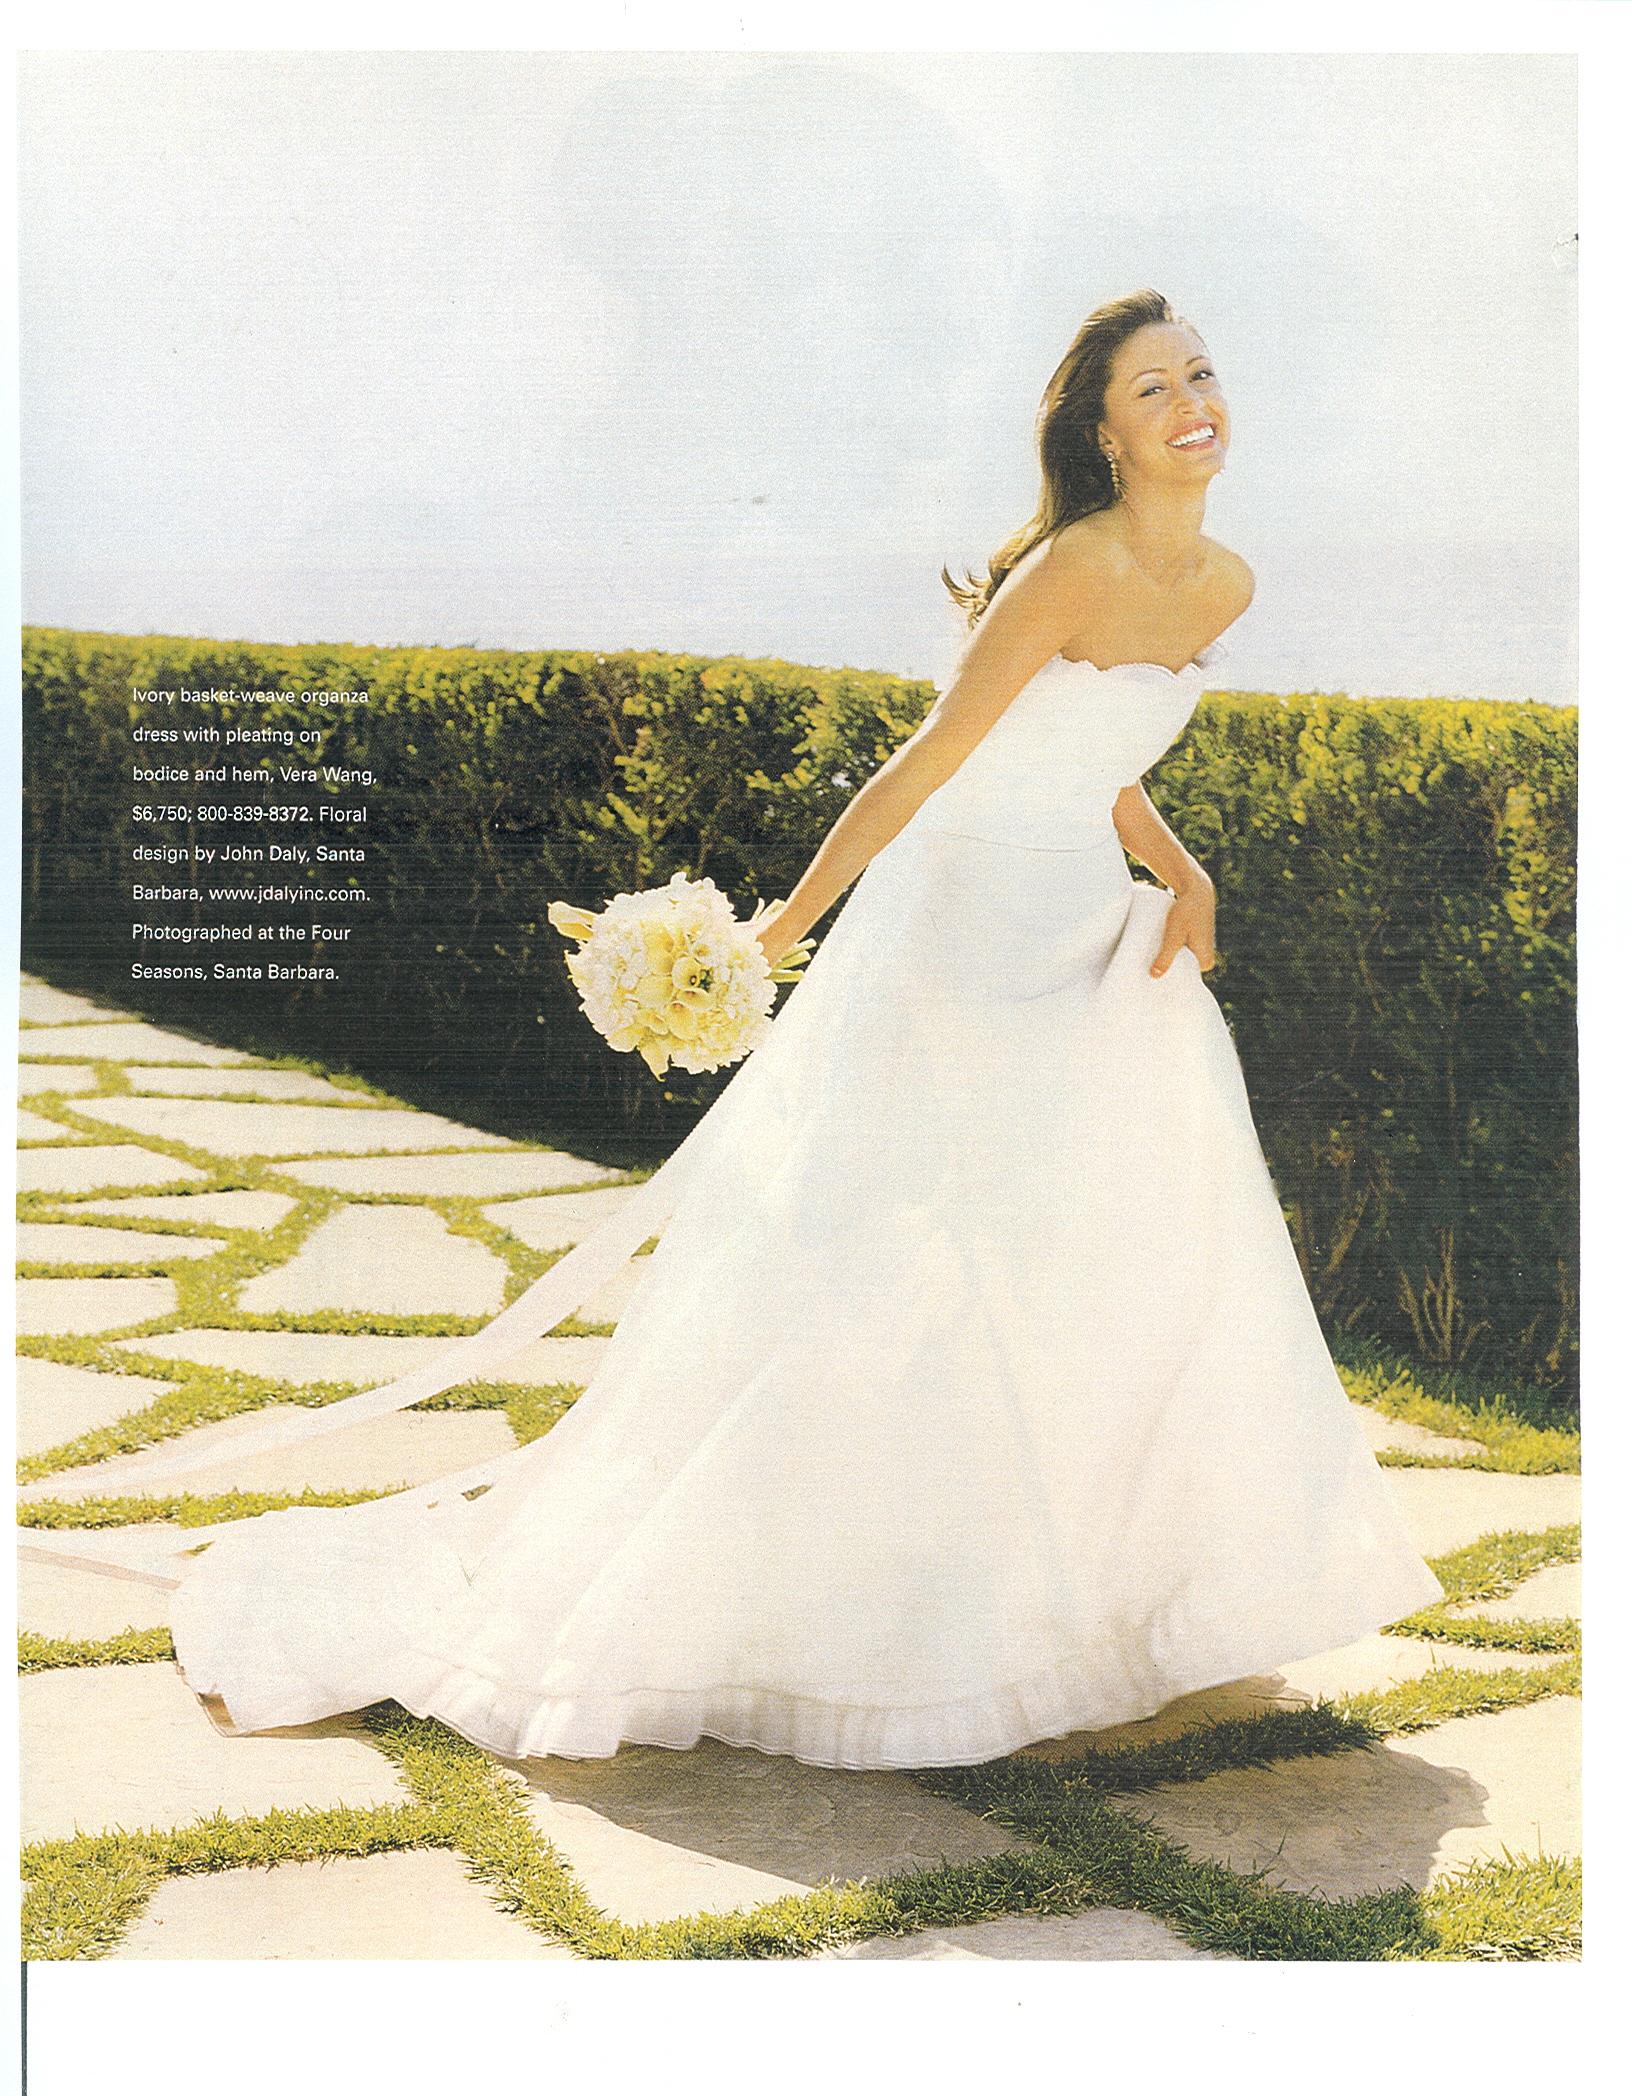 SE_InStyle Weddings_Summer 2002_2.jpg